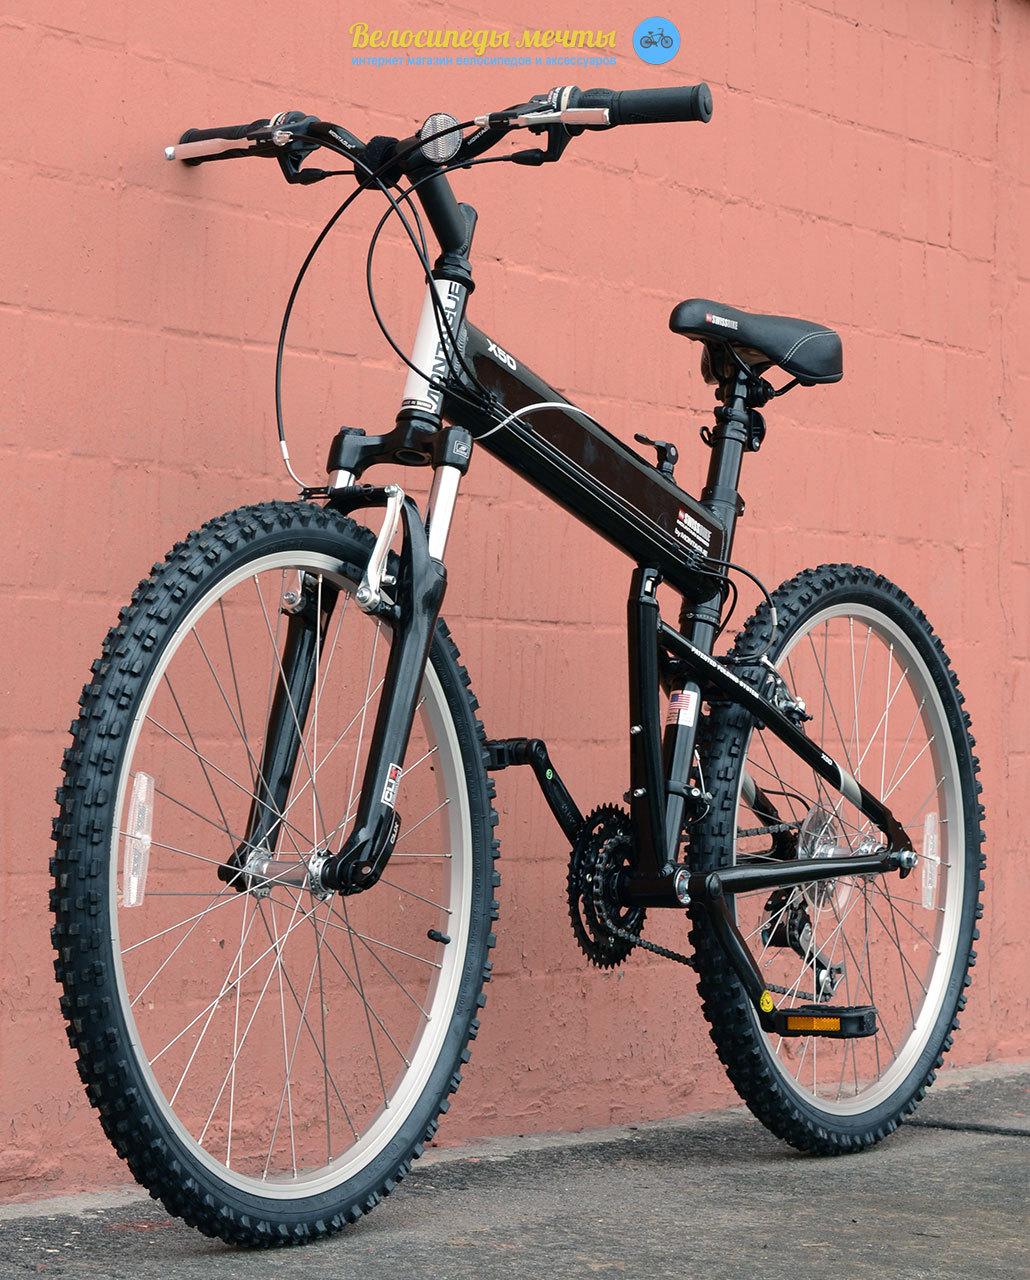 Montague Frame Cracked Bike Forums